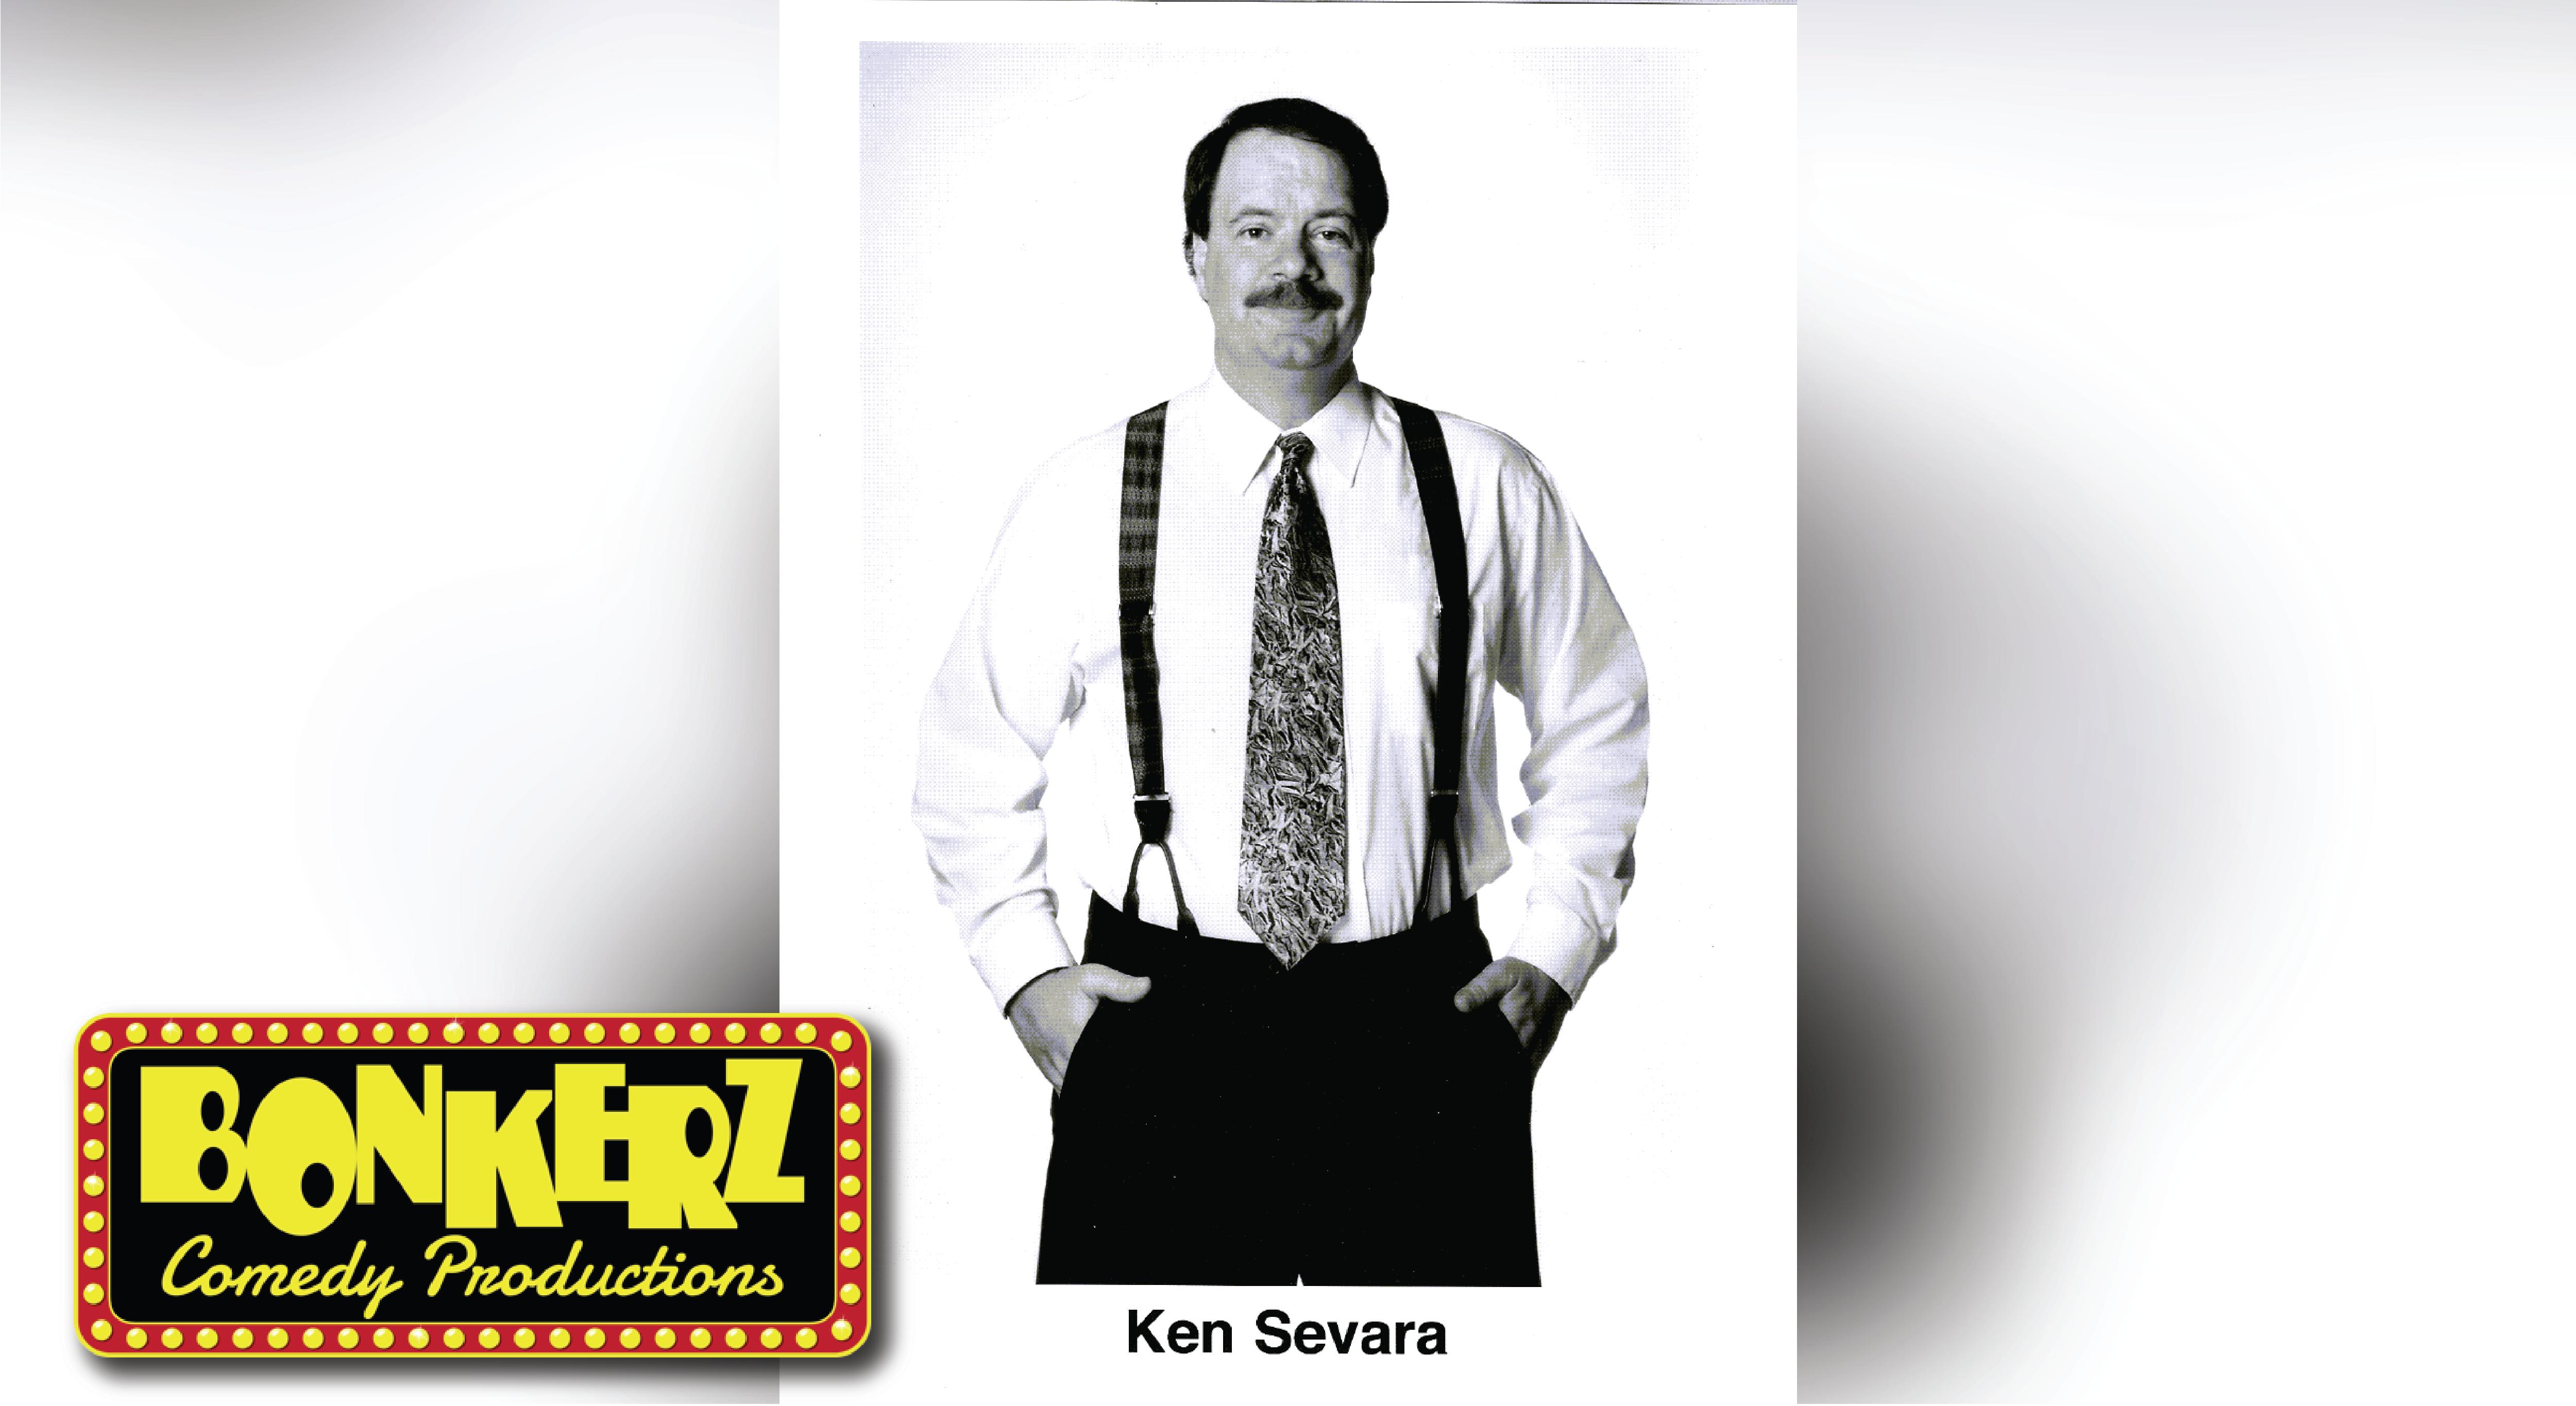 Comedian Ken Severa